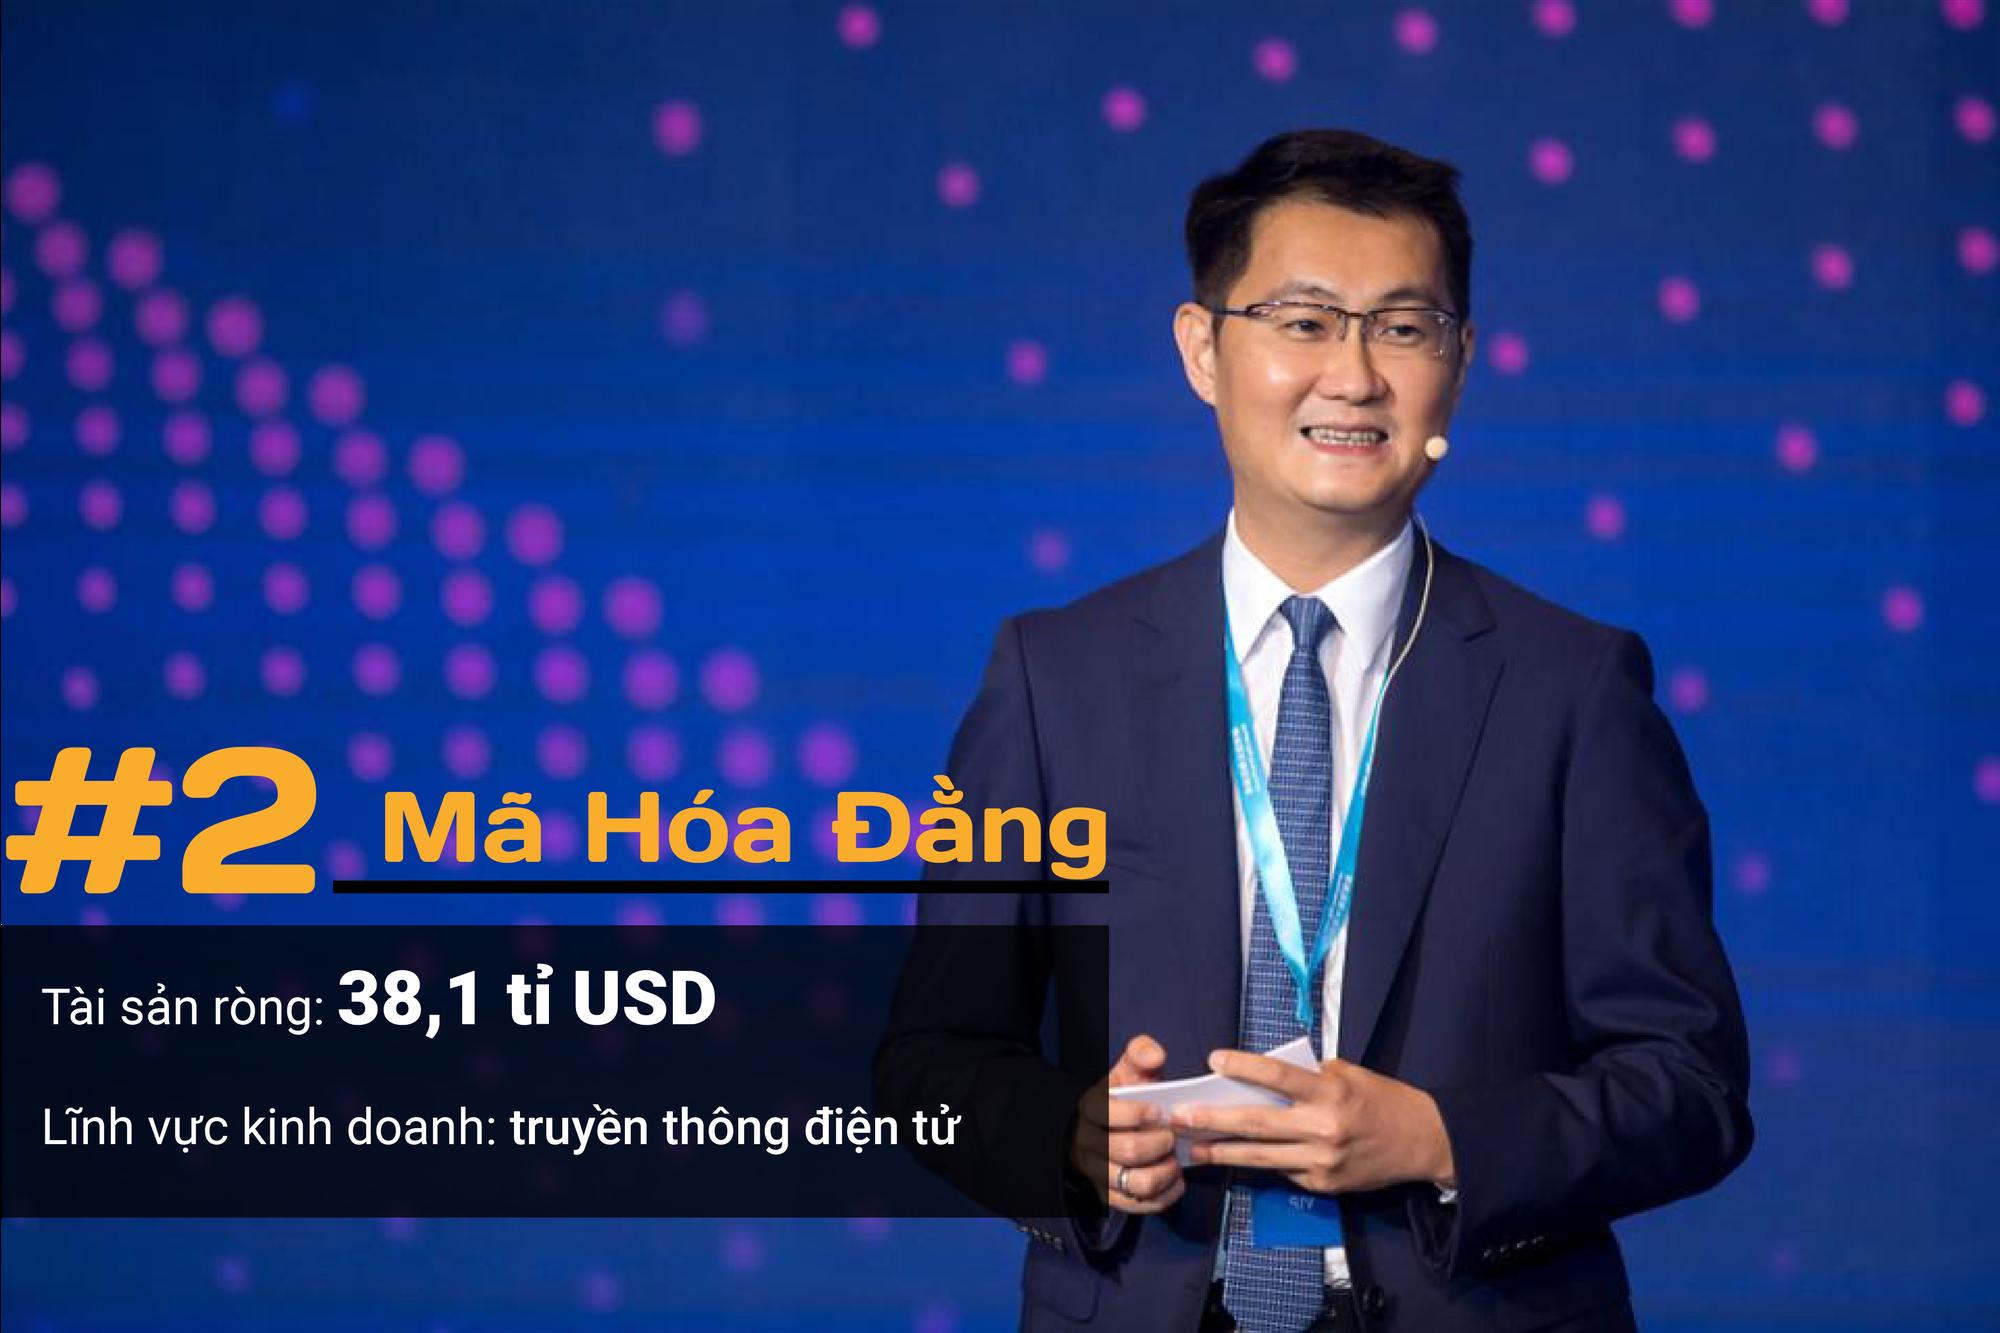 Jack Ma vẫn là người giàu nhất, Trung Quốc có tỉ phú nuôi heo - Ảnh 2.